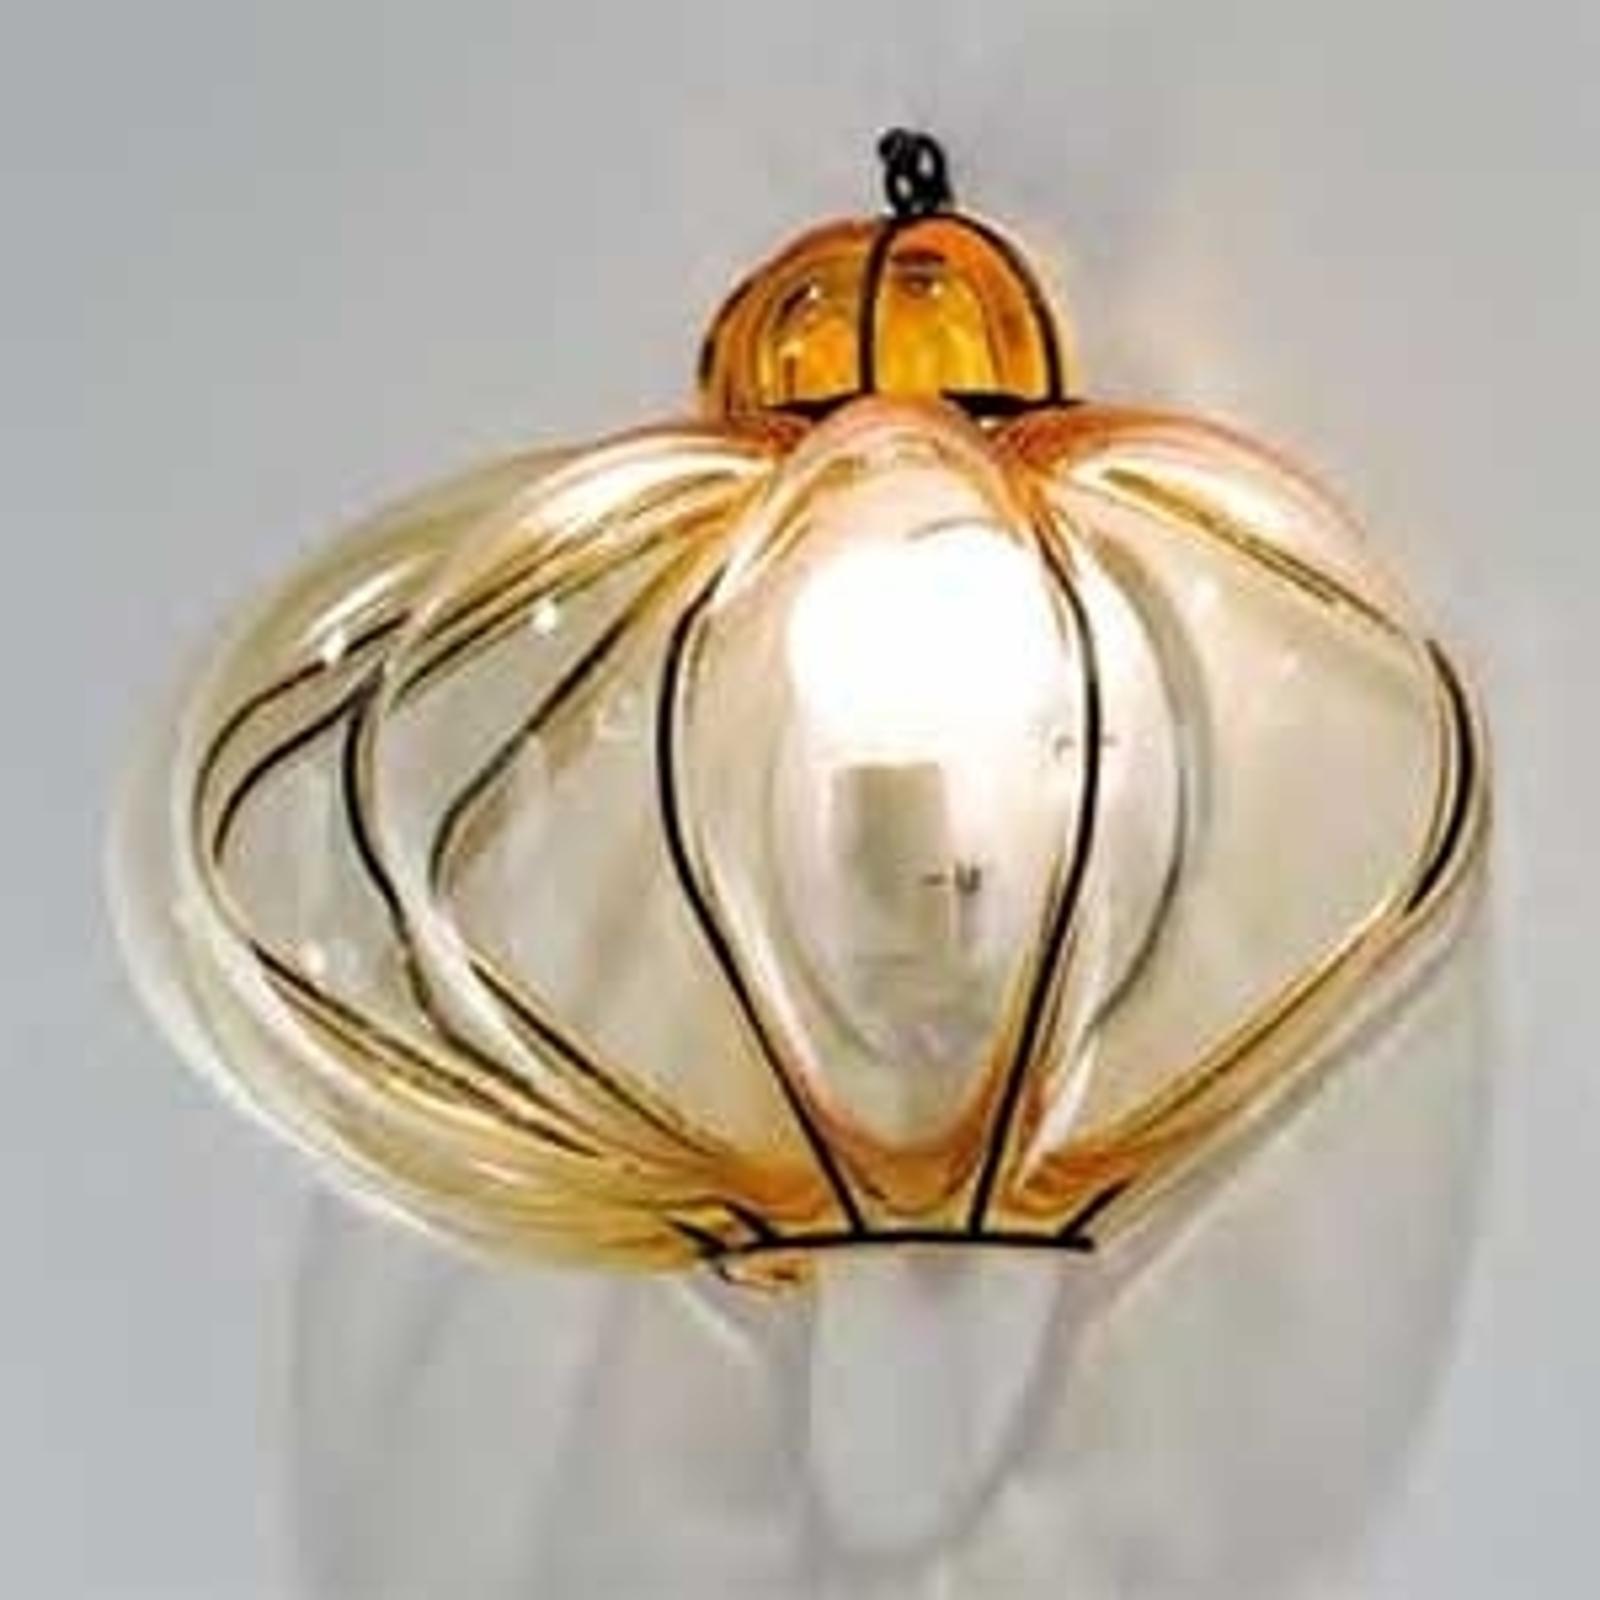 Wandlamp SULTANO van Muranoglas, 33 cm